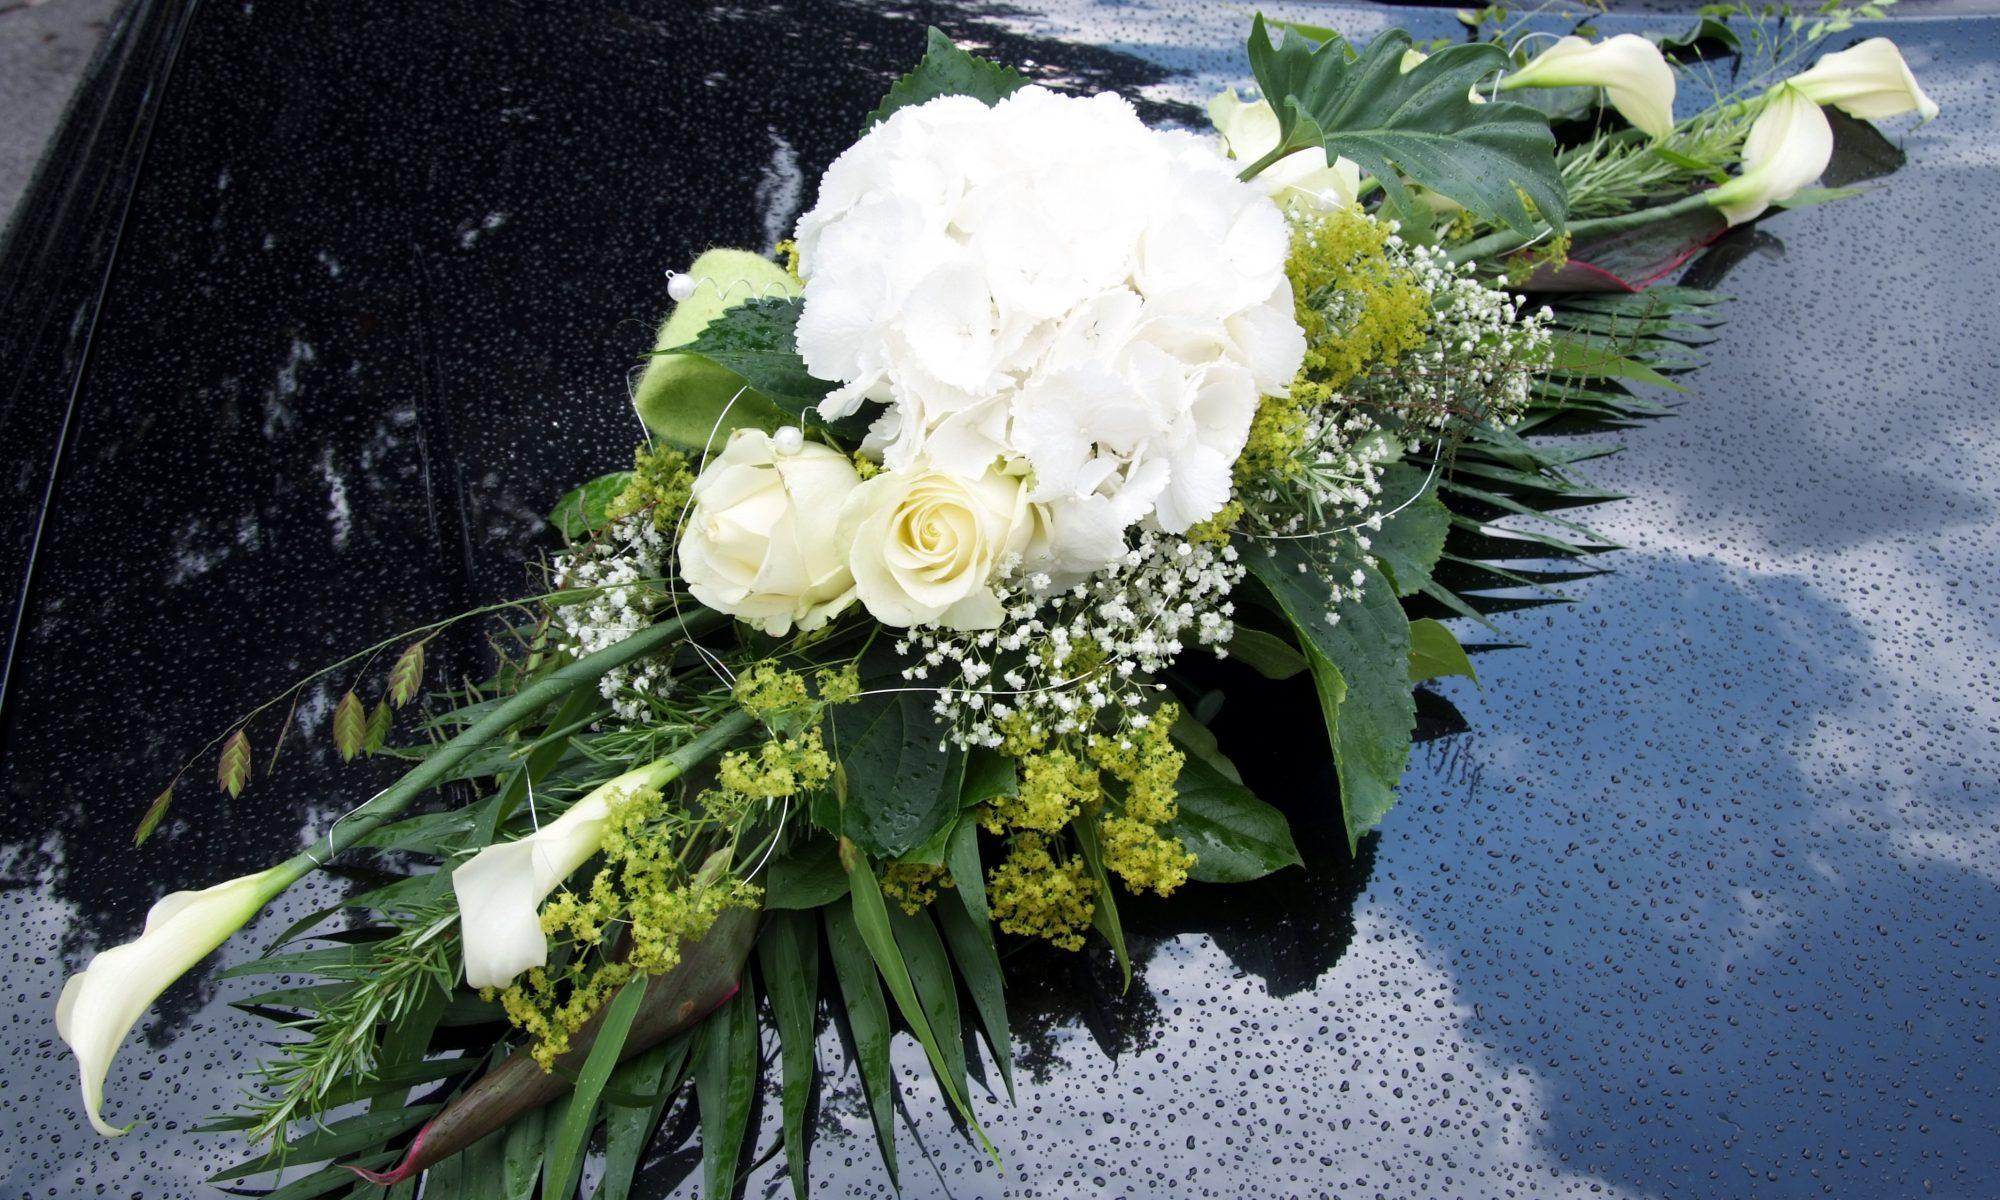 Ein Autogesteck auf einer schwarzen Motorhaube mit weißen Blumen und verschiedenen grünen Blättern länglich gesteckt.